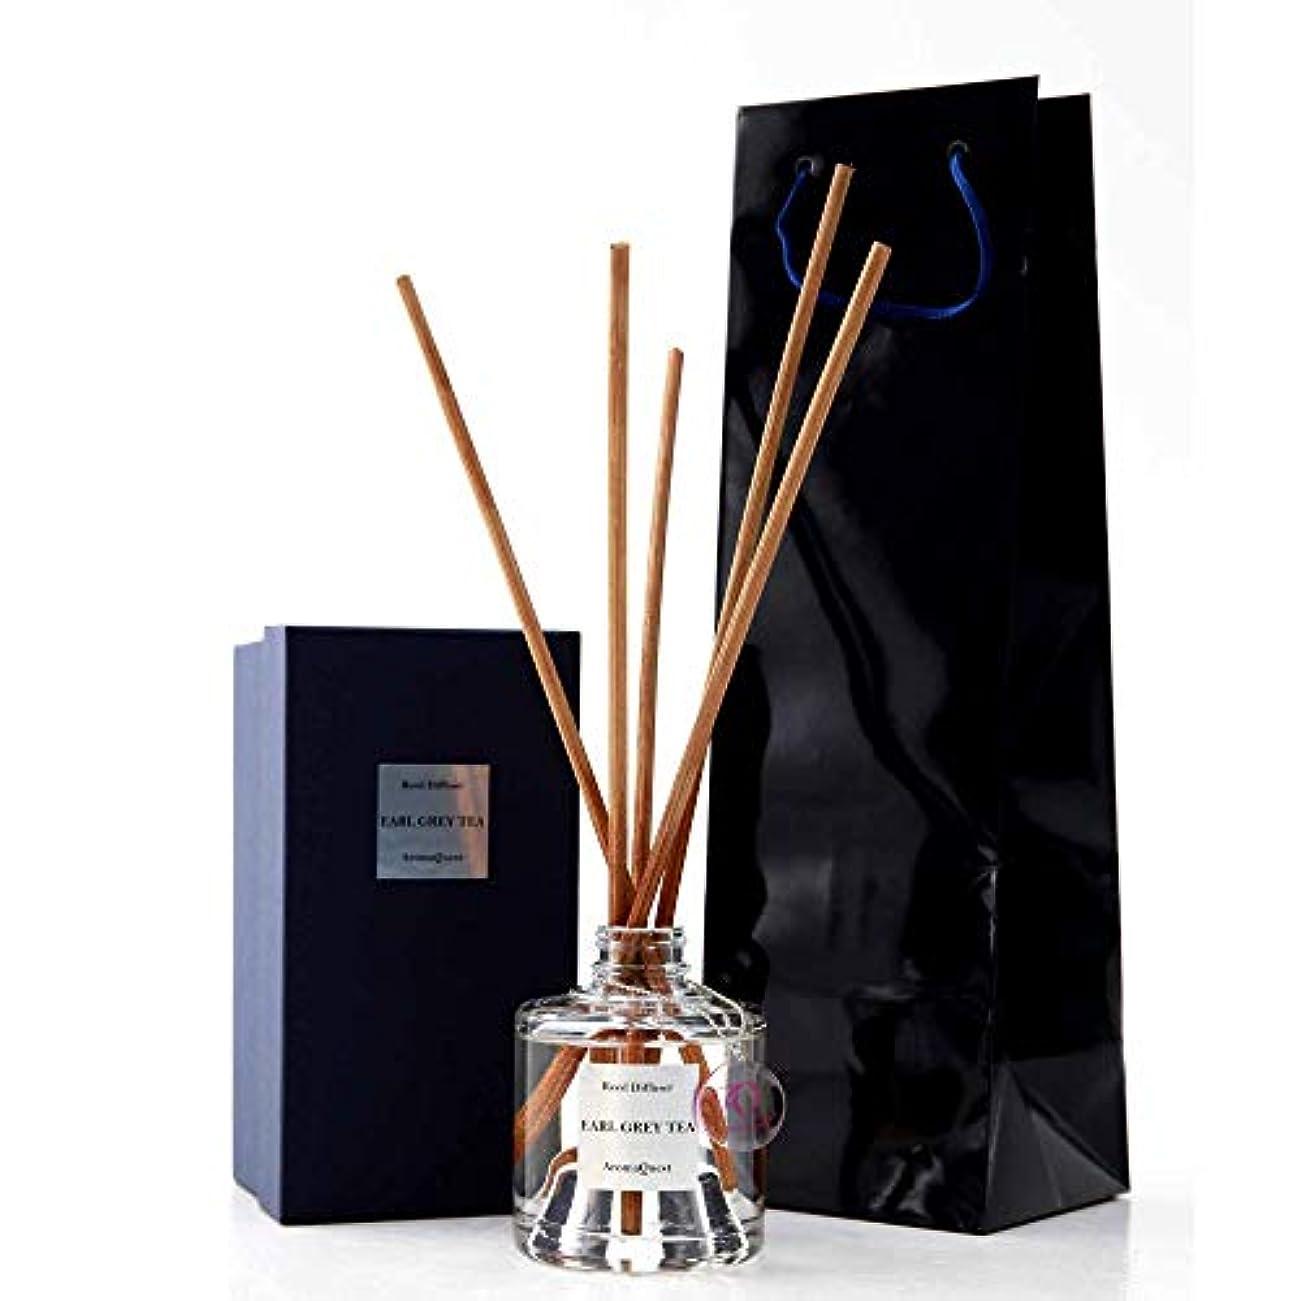 大腿ドロップ枕ルームフレグランス リードディフューザー アロマディフューザー 150ml アールグレイティー EARL GREY TEA 紅茶の香り